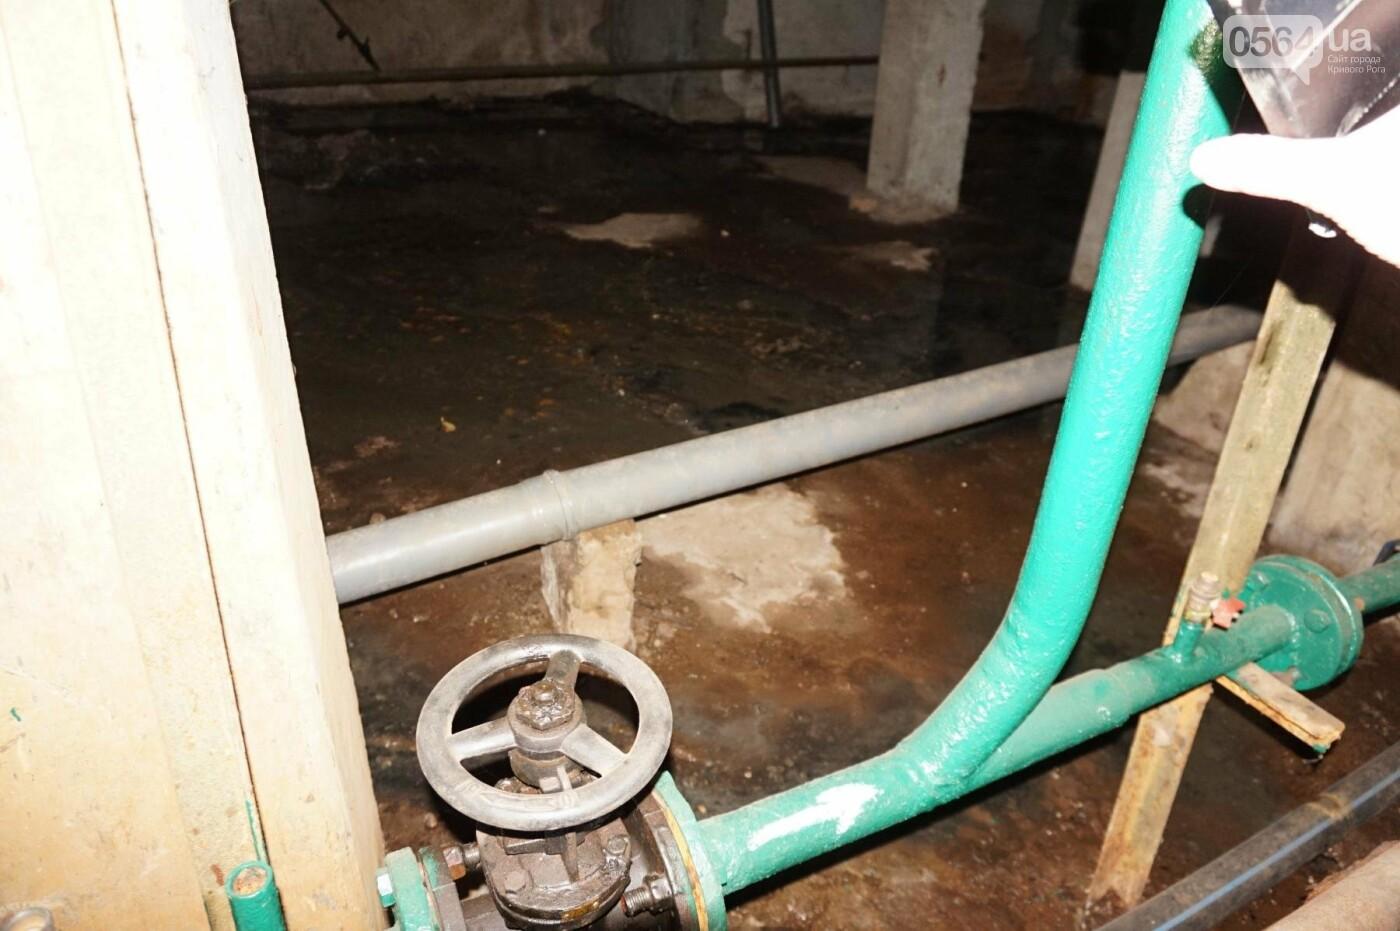 Криворожскую многоэтажку затопило фекалиями (ФОТО, ВИДЕО), фото-4